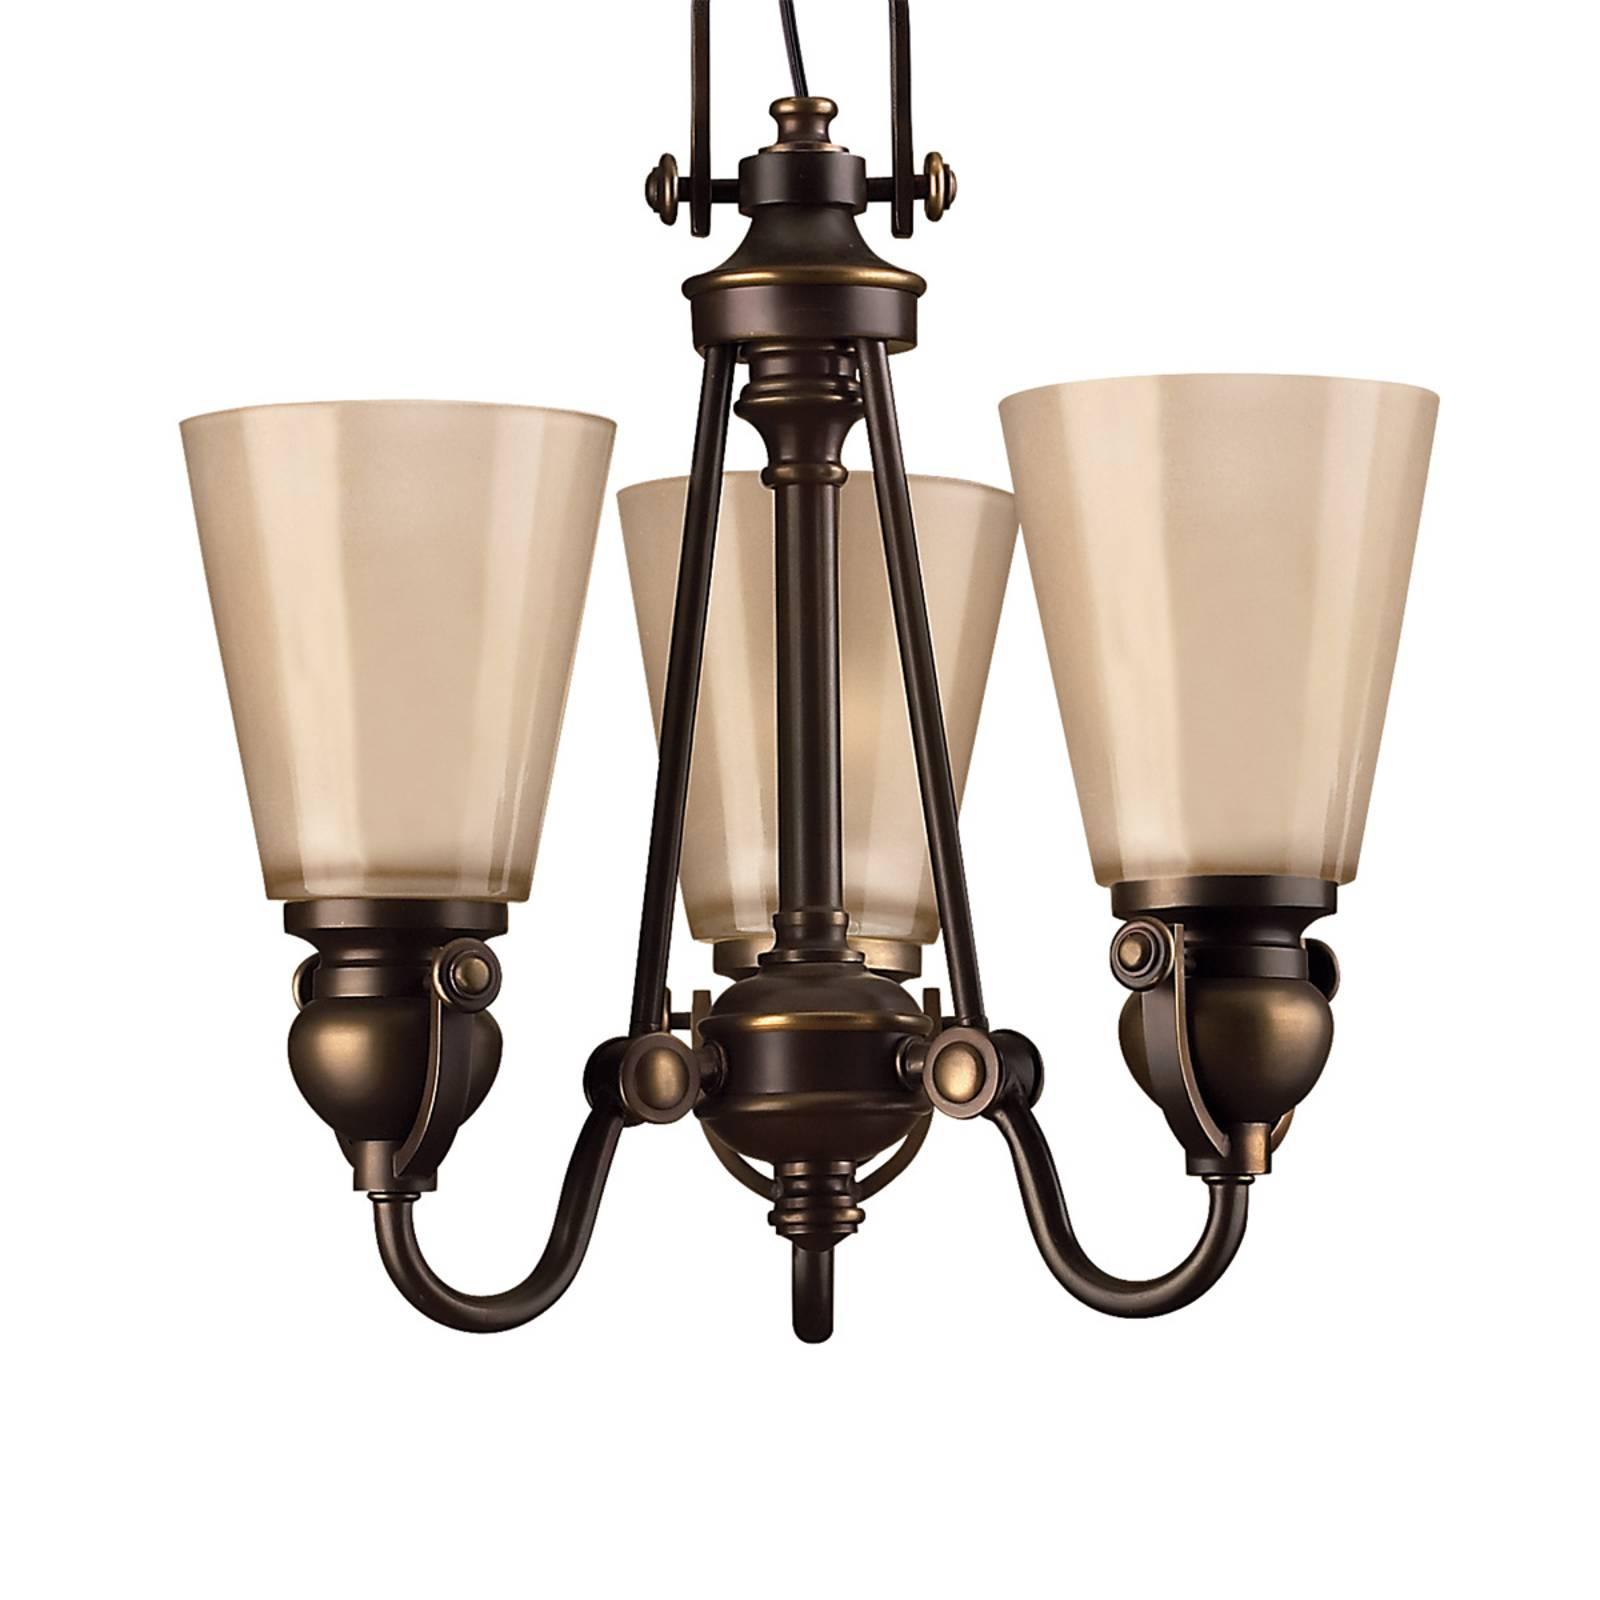 Rustiikkinen MAYFLOWER-riippuvalaisin, 3 lamppua